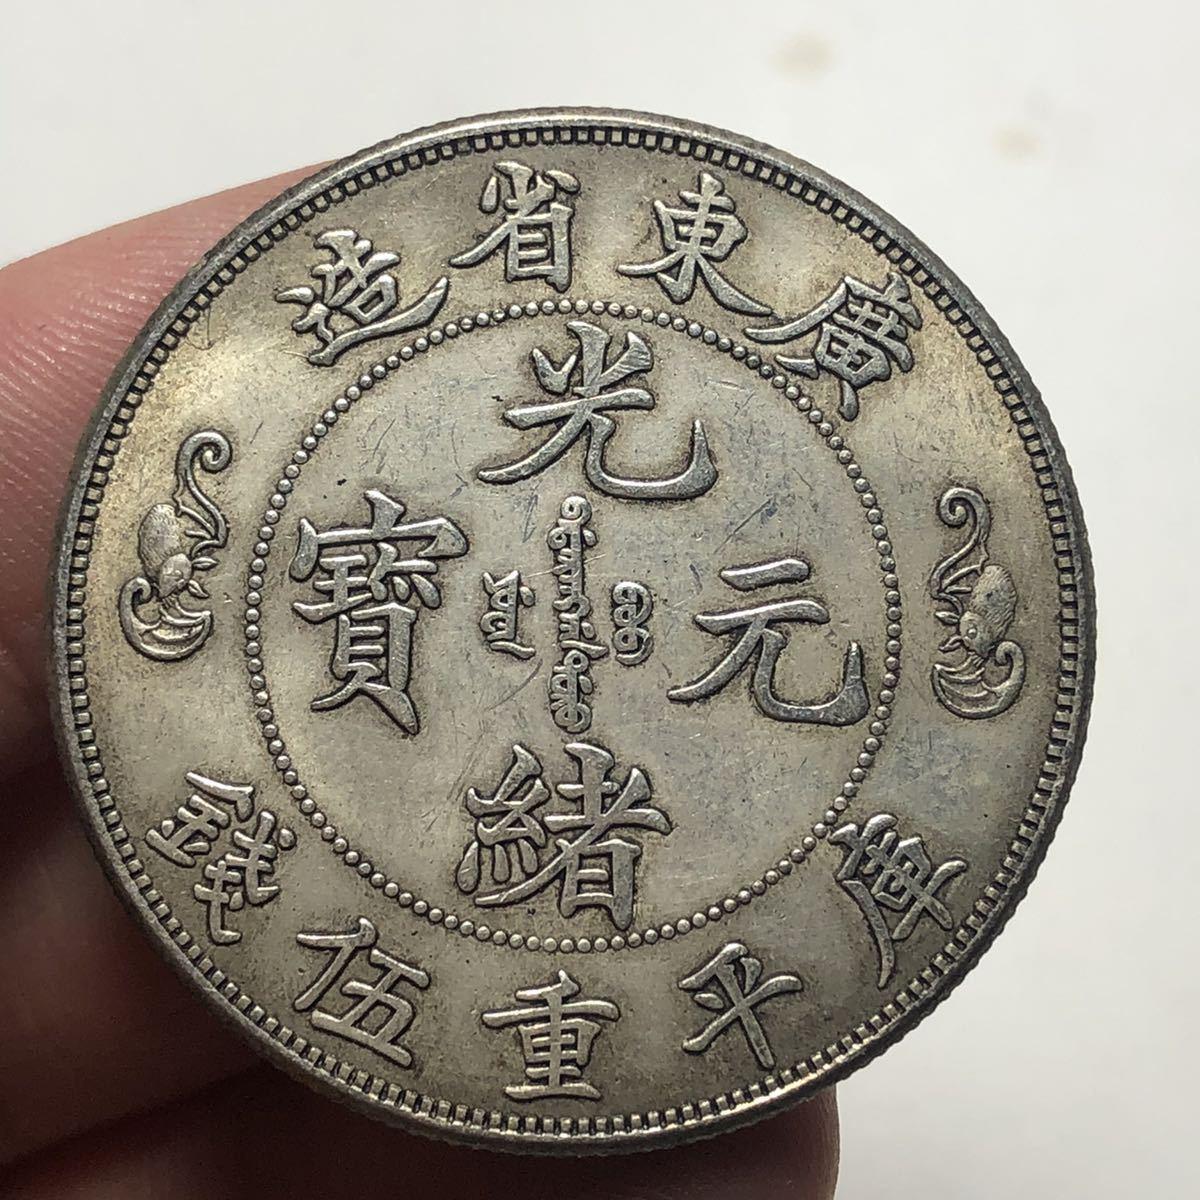 中国古銭 光緒元寶 廣東雙龍幣 34mm 12.95g S-2351